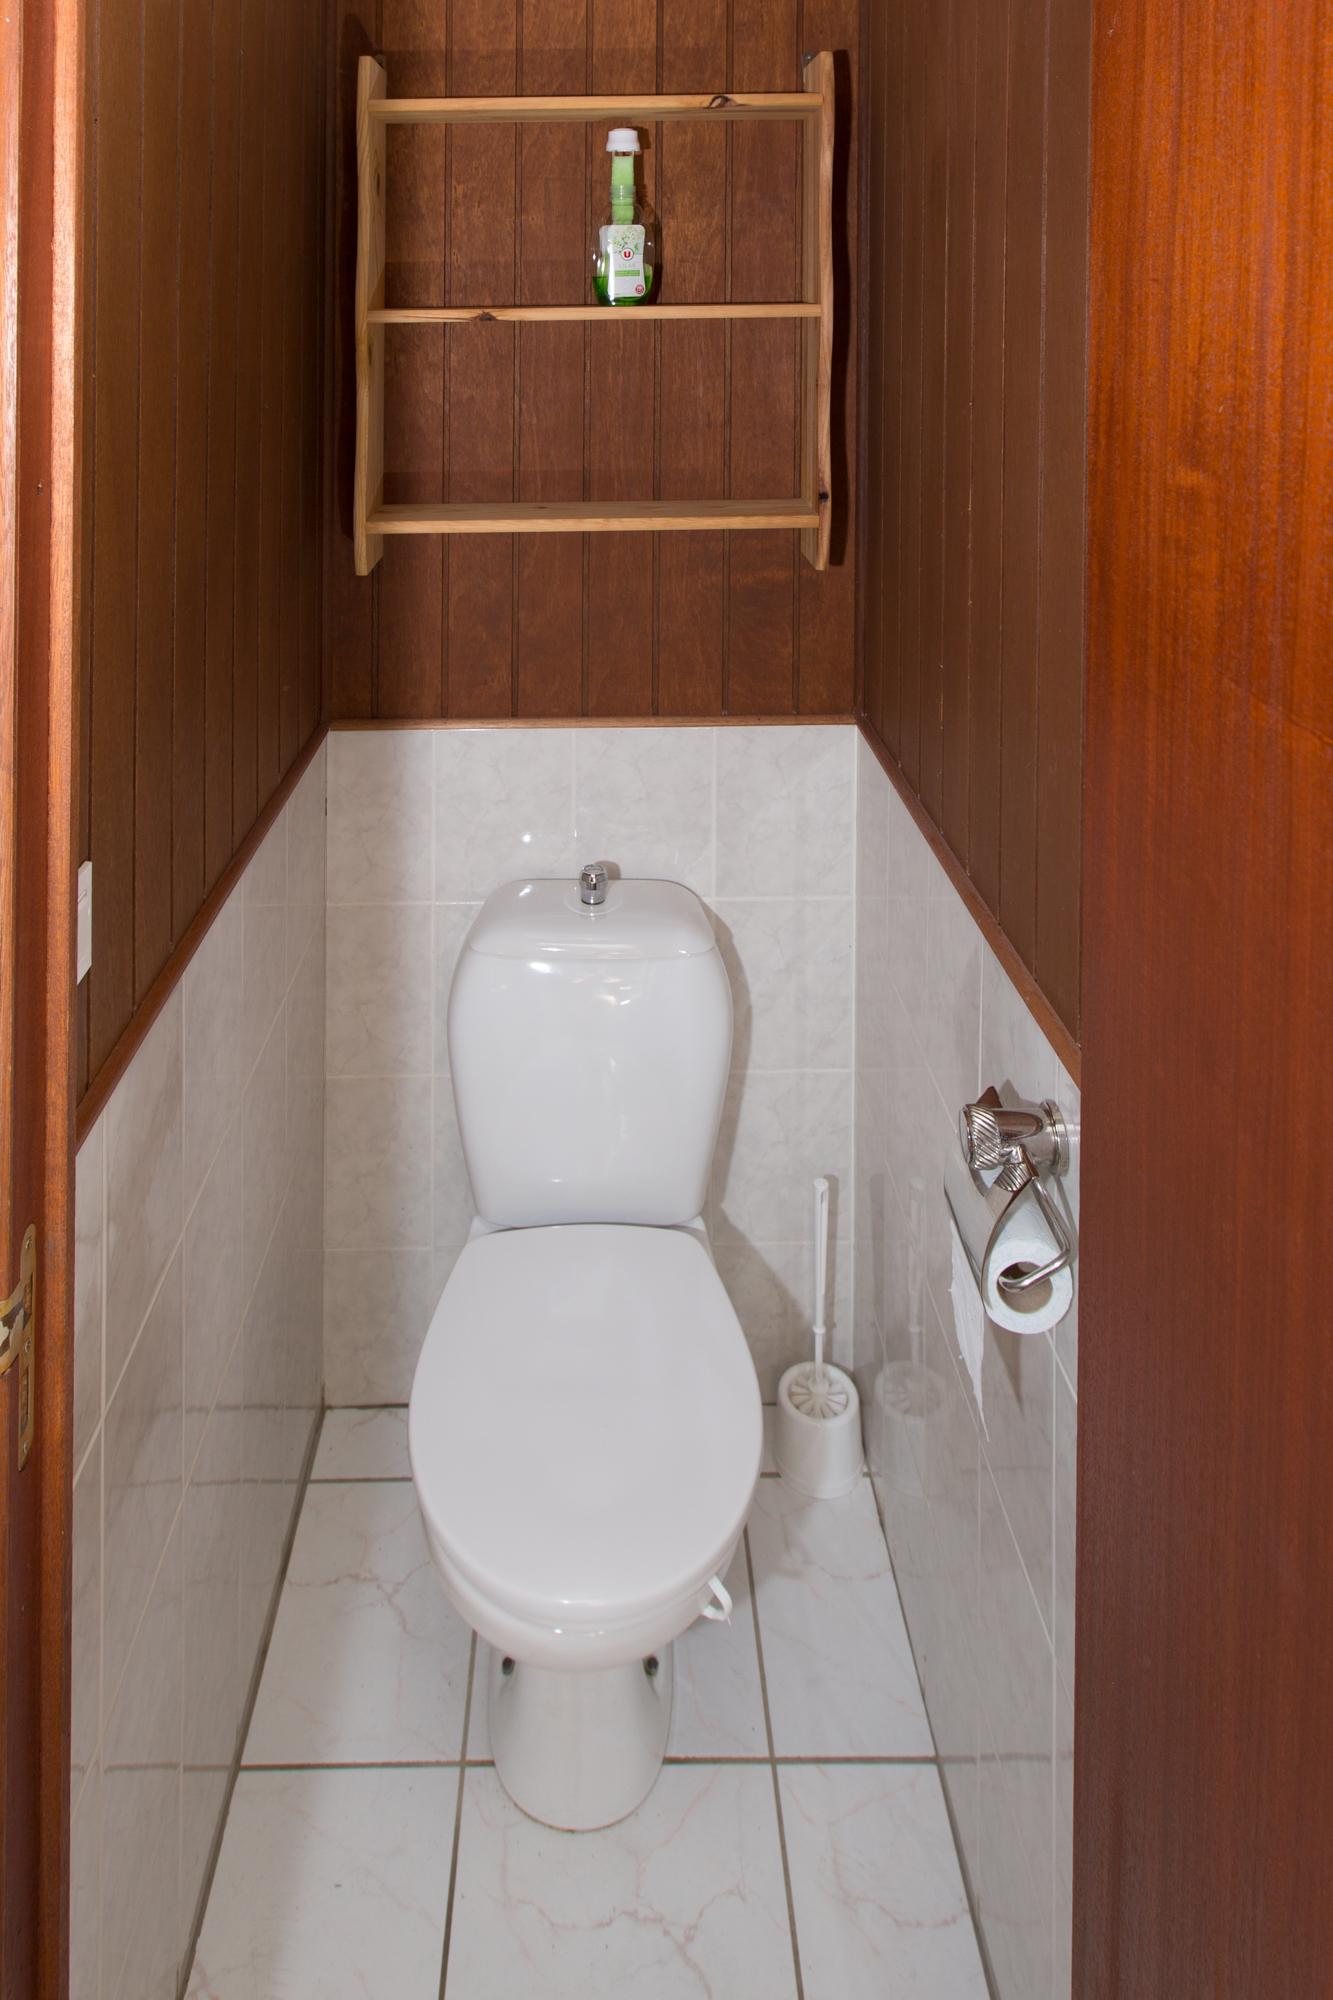 wc dans salle de bain ou separe. Black Bedroom Furniture Sets. Home Design Ideas